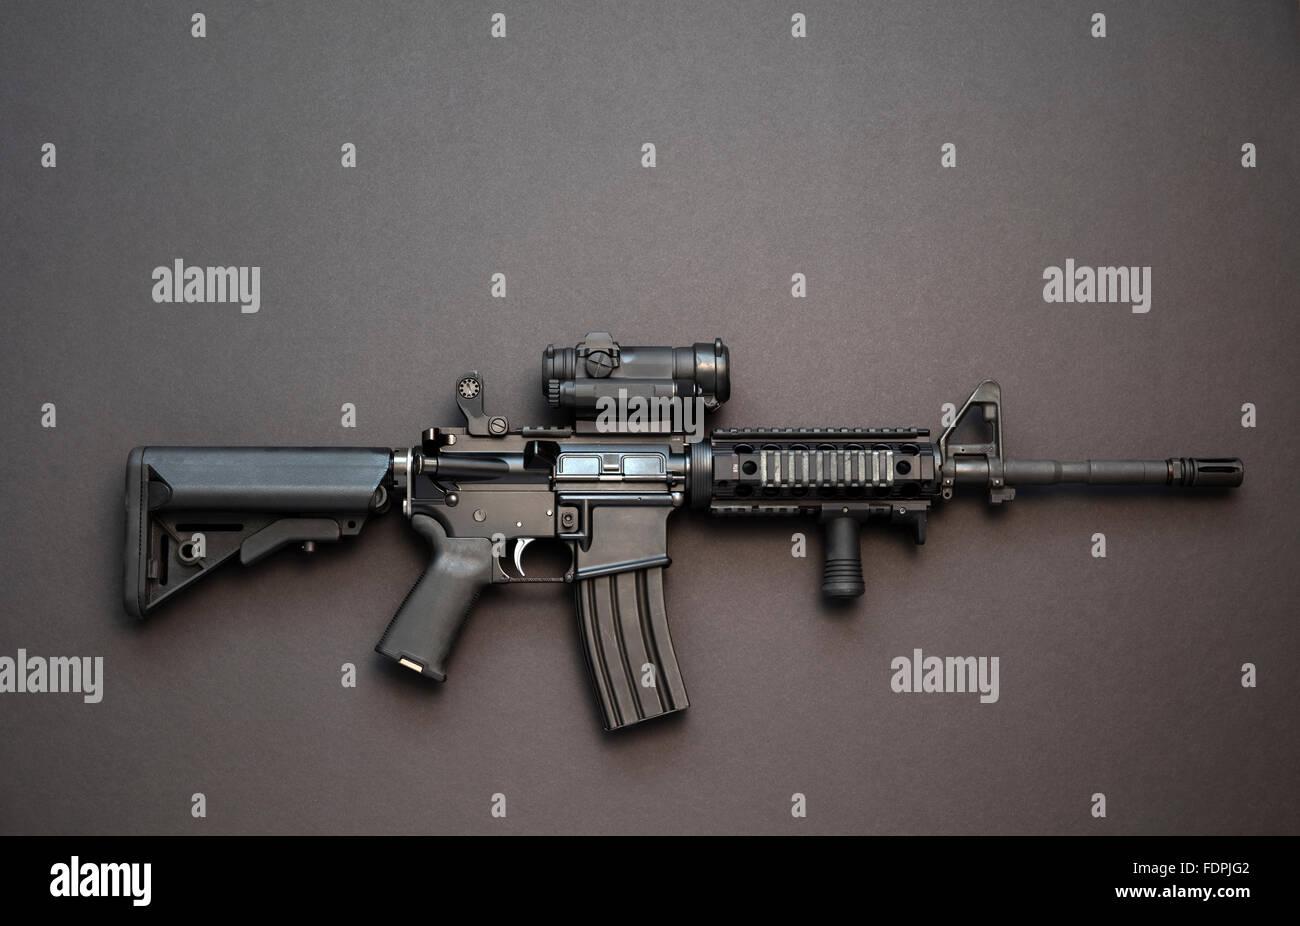 AR-15 Sturmgewehr mit hoher Kapazität Magazin und roten Punkt Optik des Typs, der gun Control wollen Befürworter Stockbild